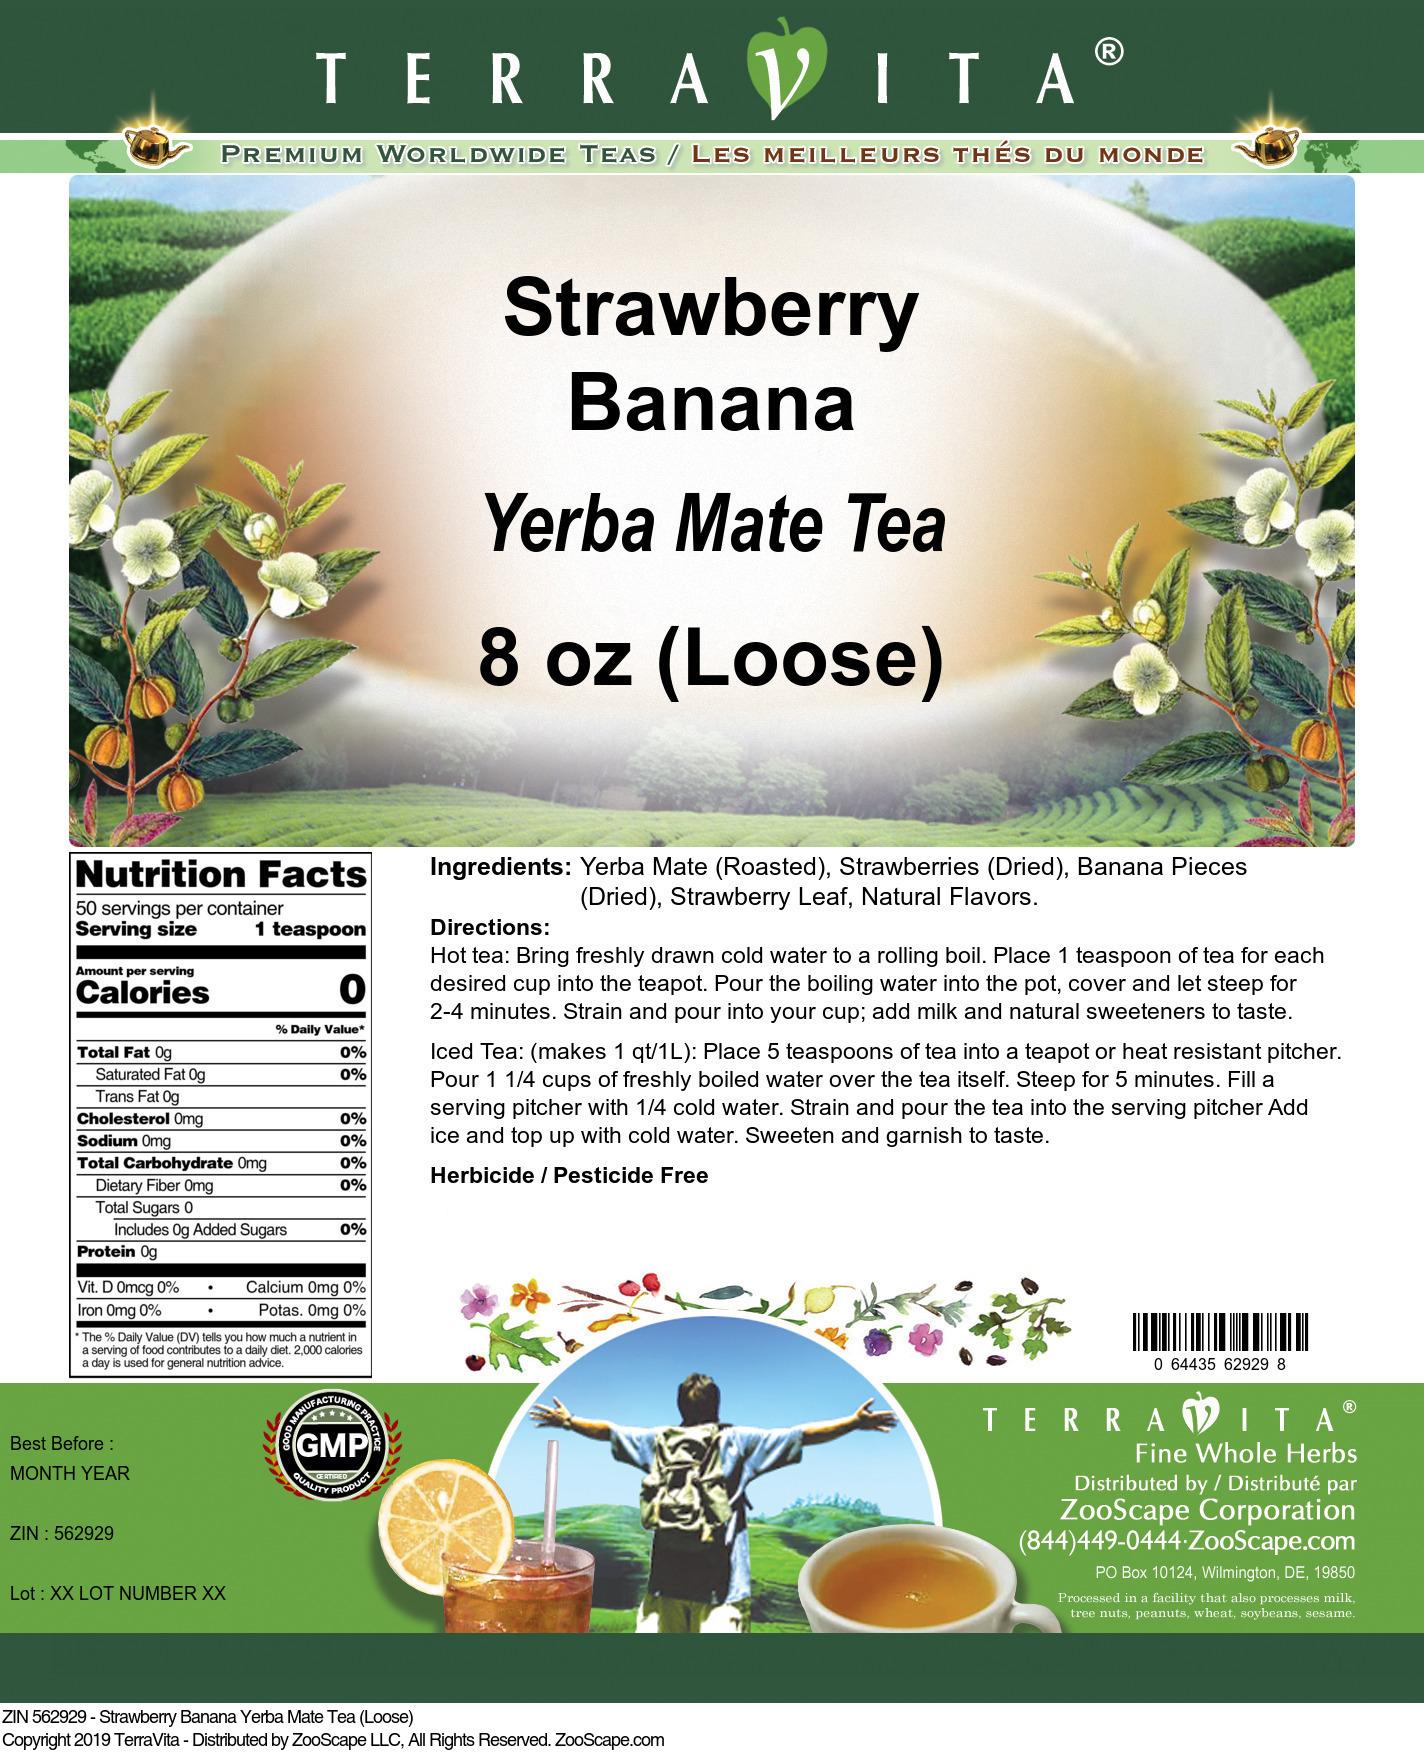 Strawberry Banana Yerba Mate